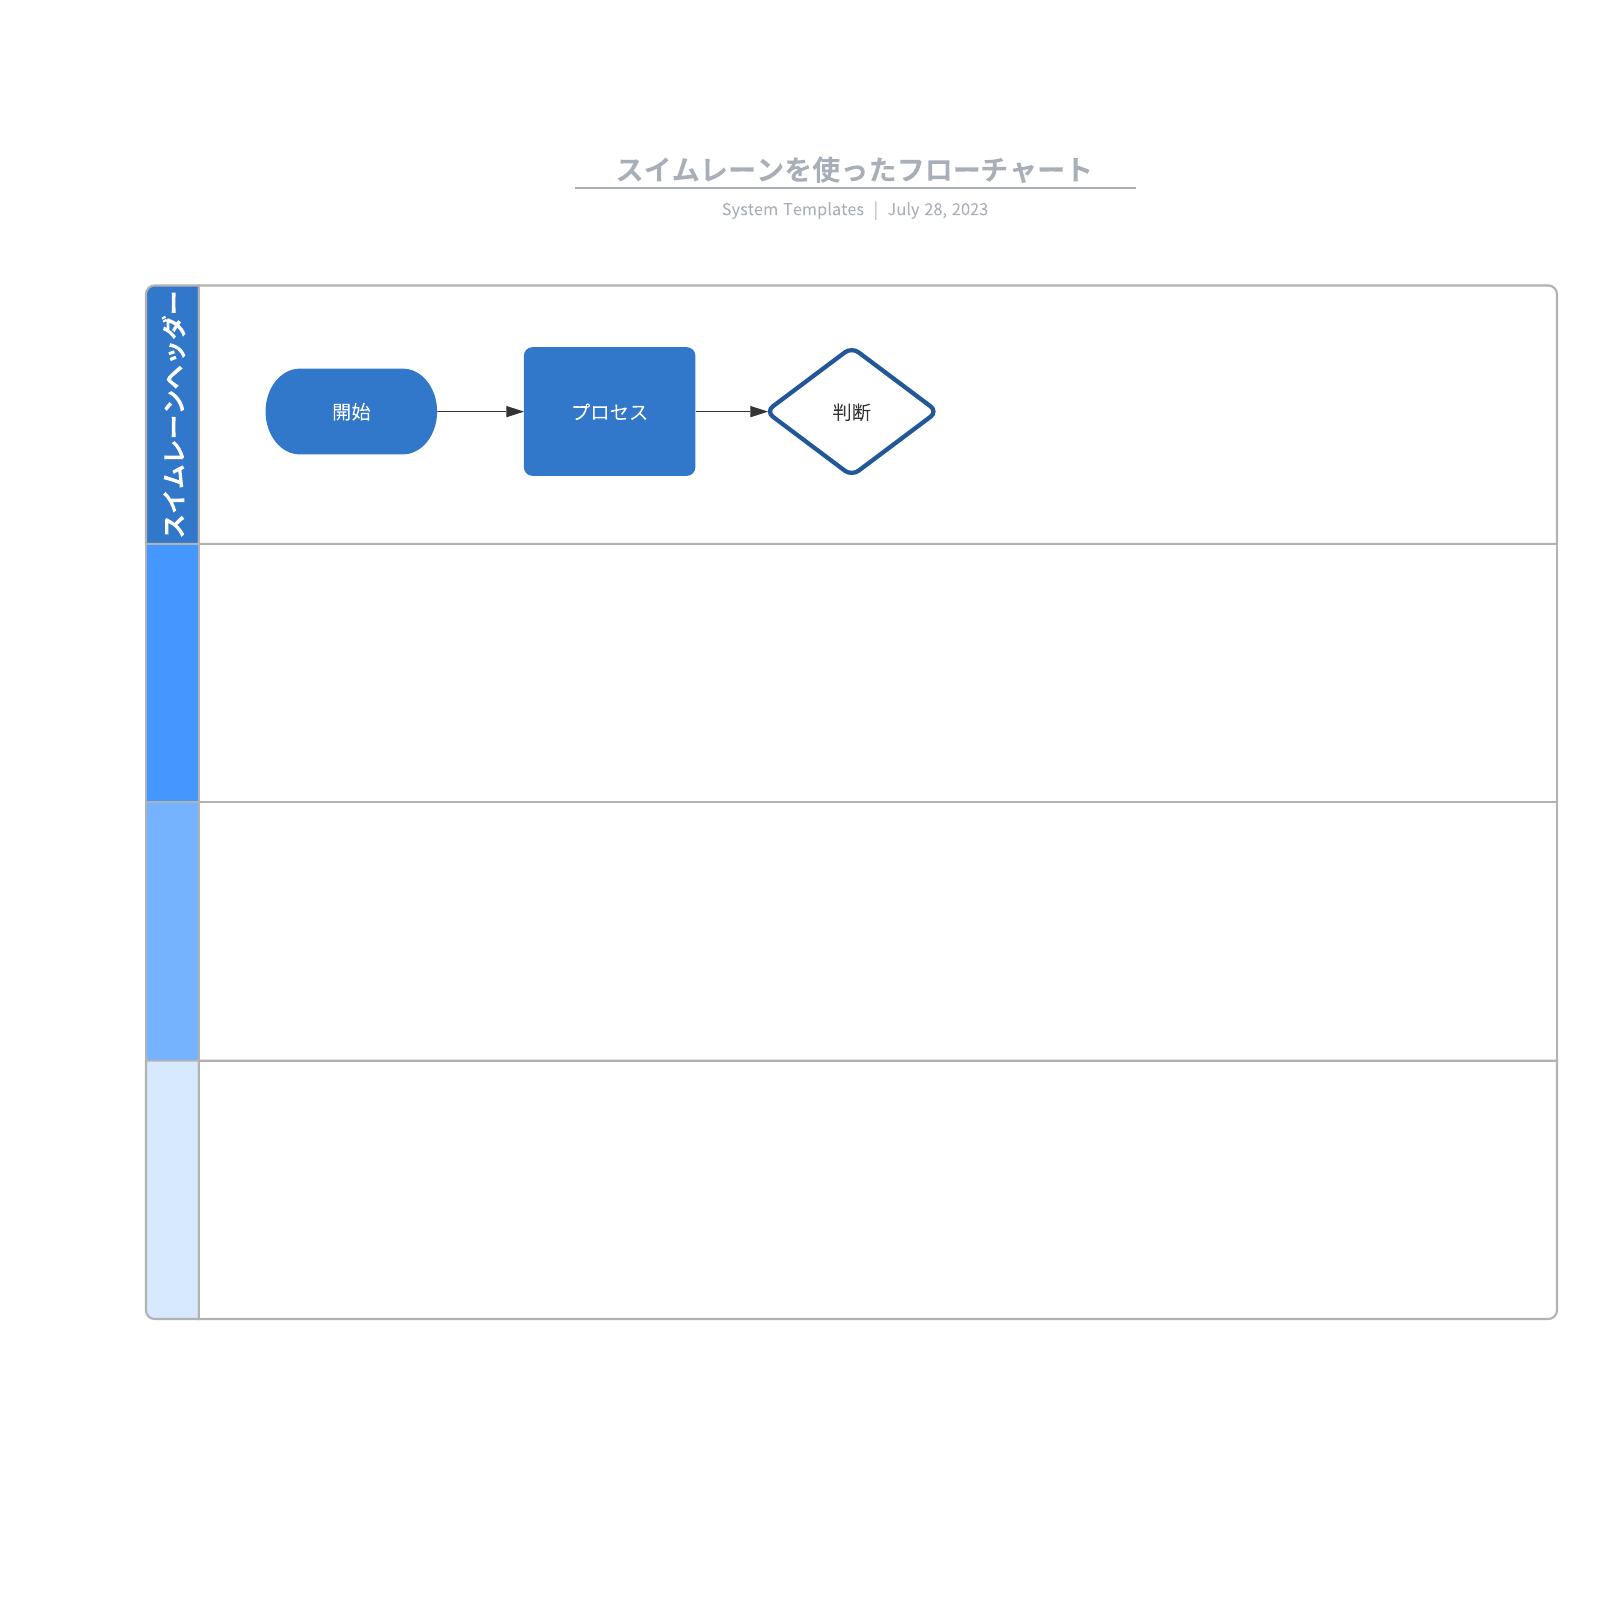 スイムレーンを使用した流れ図の参考例と見本